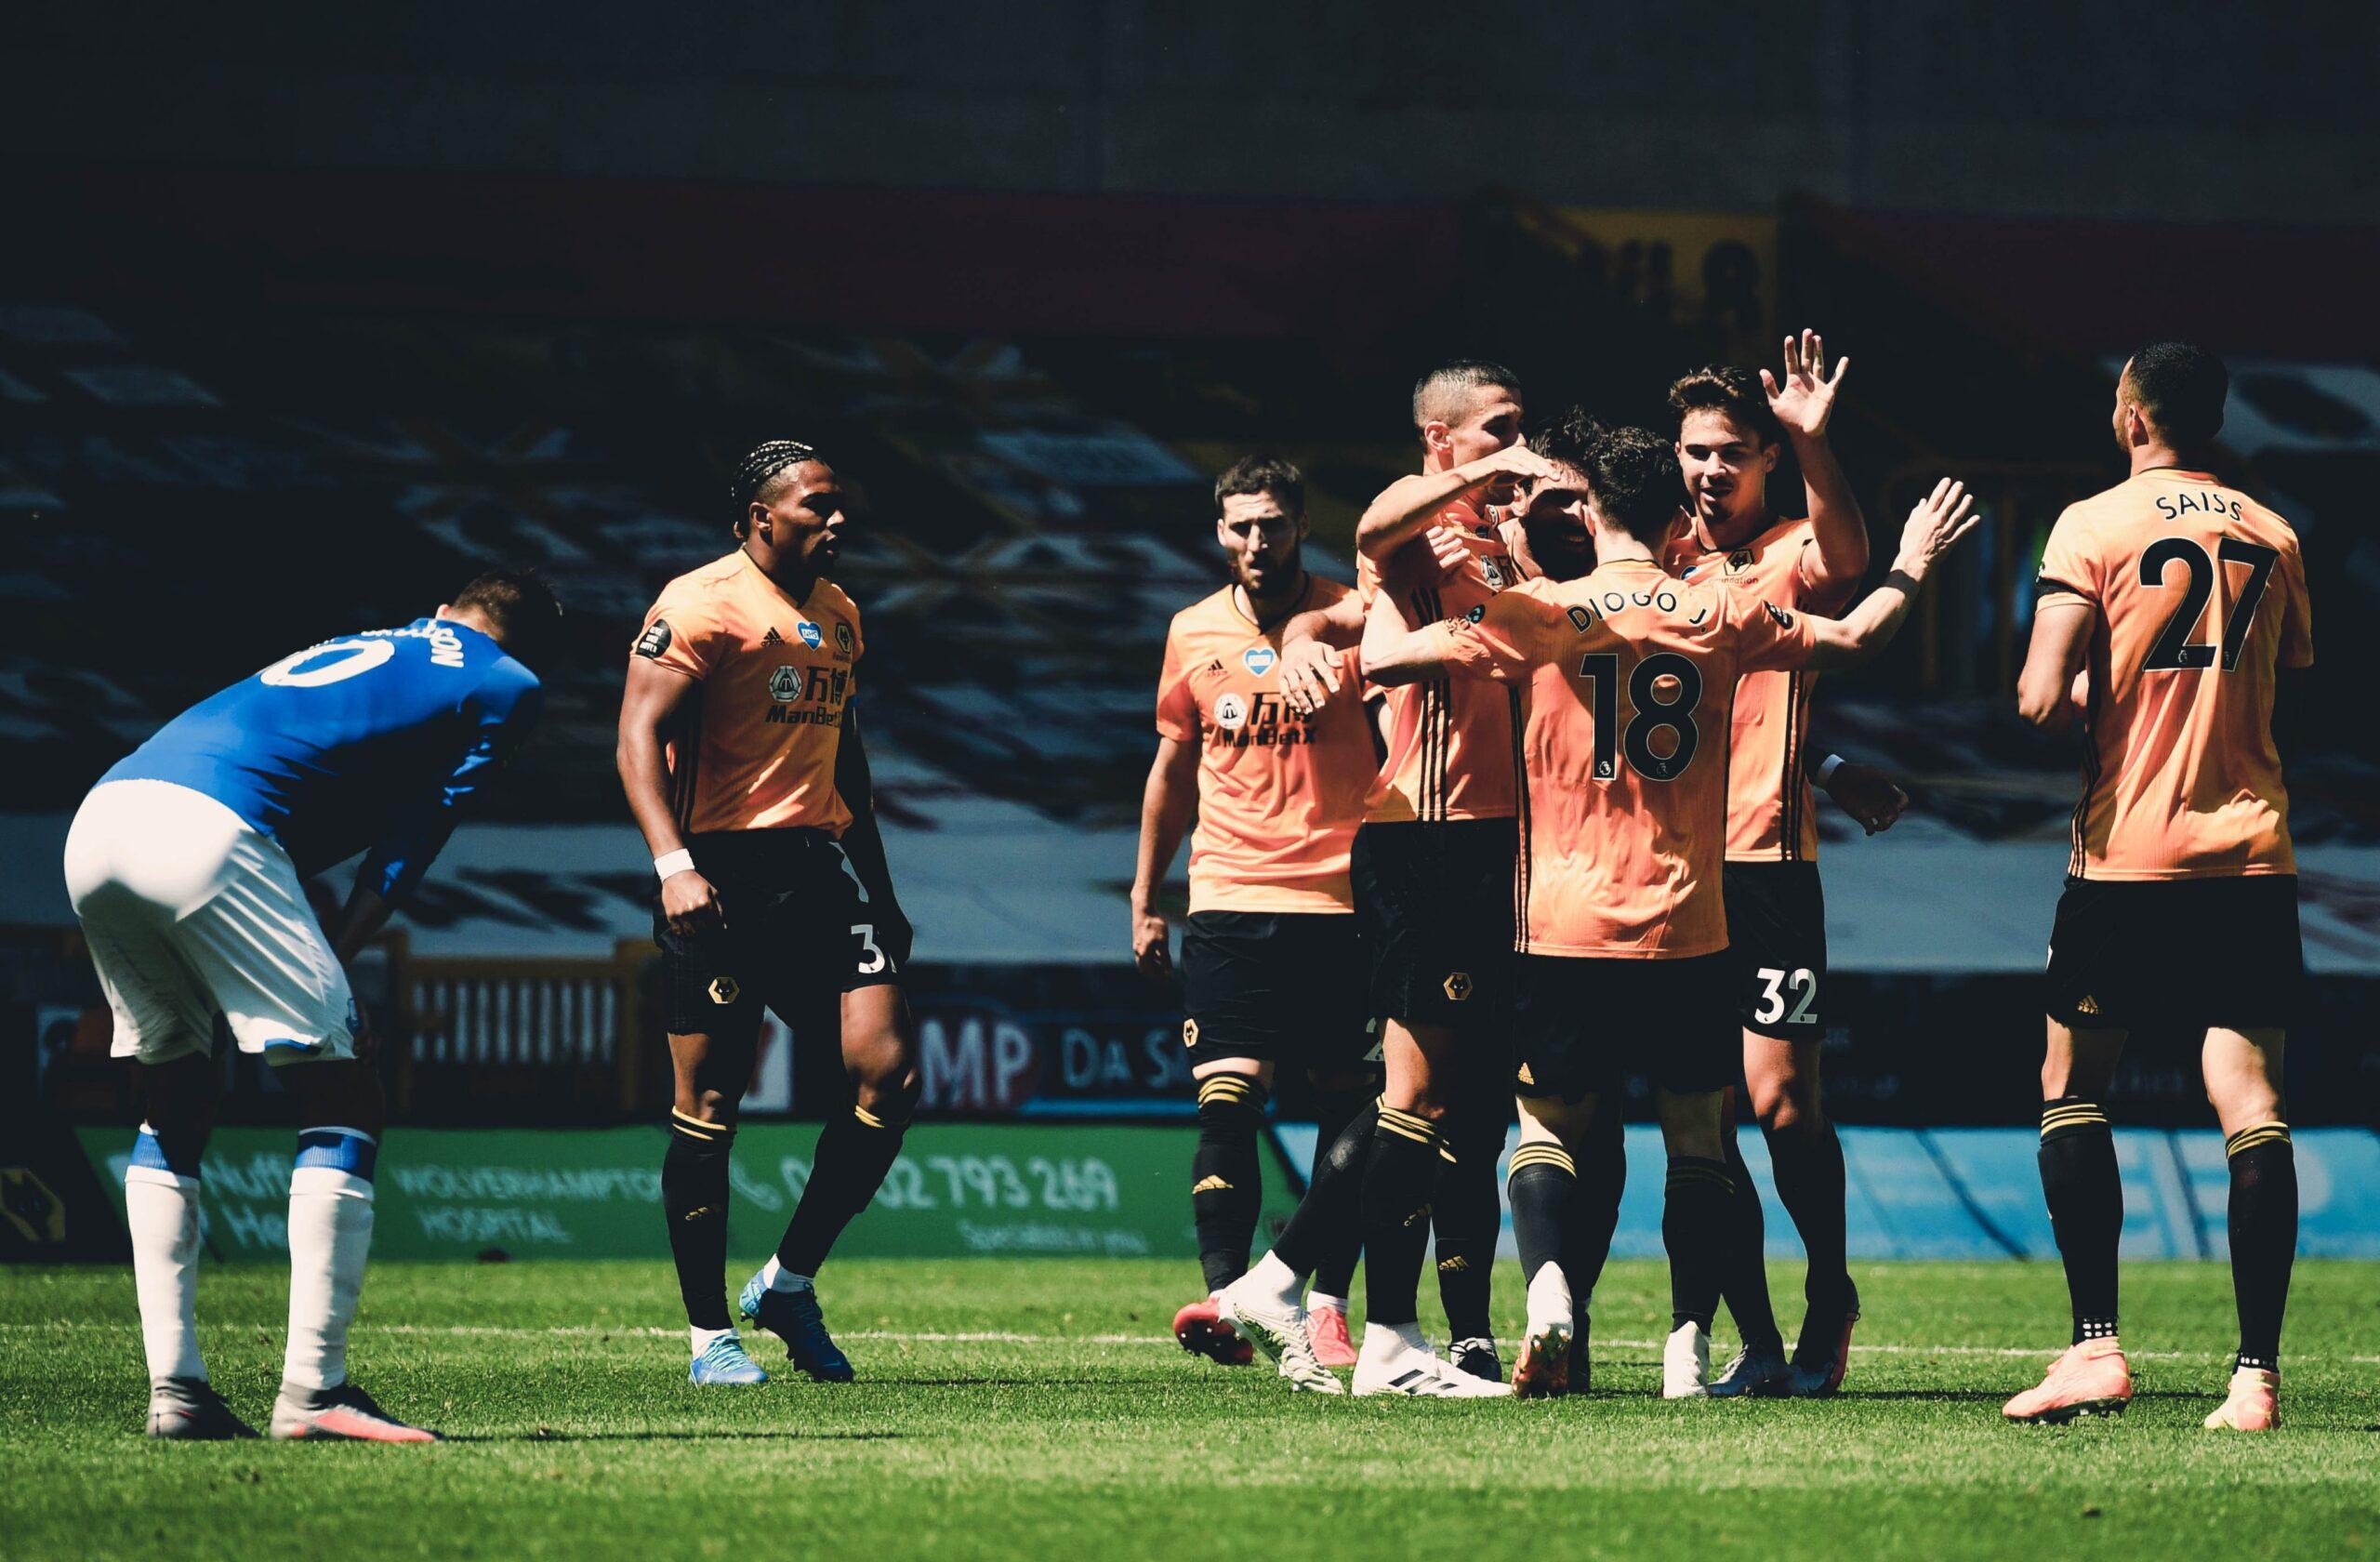 Γουλβς – Έβερτον 3-0: «Ξέσπασμα» με σόου Ποντένσε! (vid)